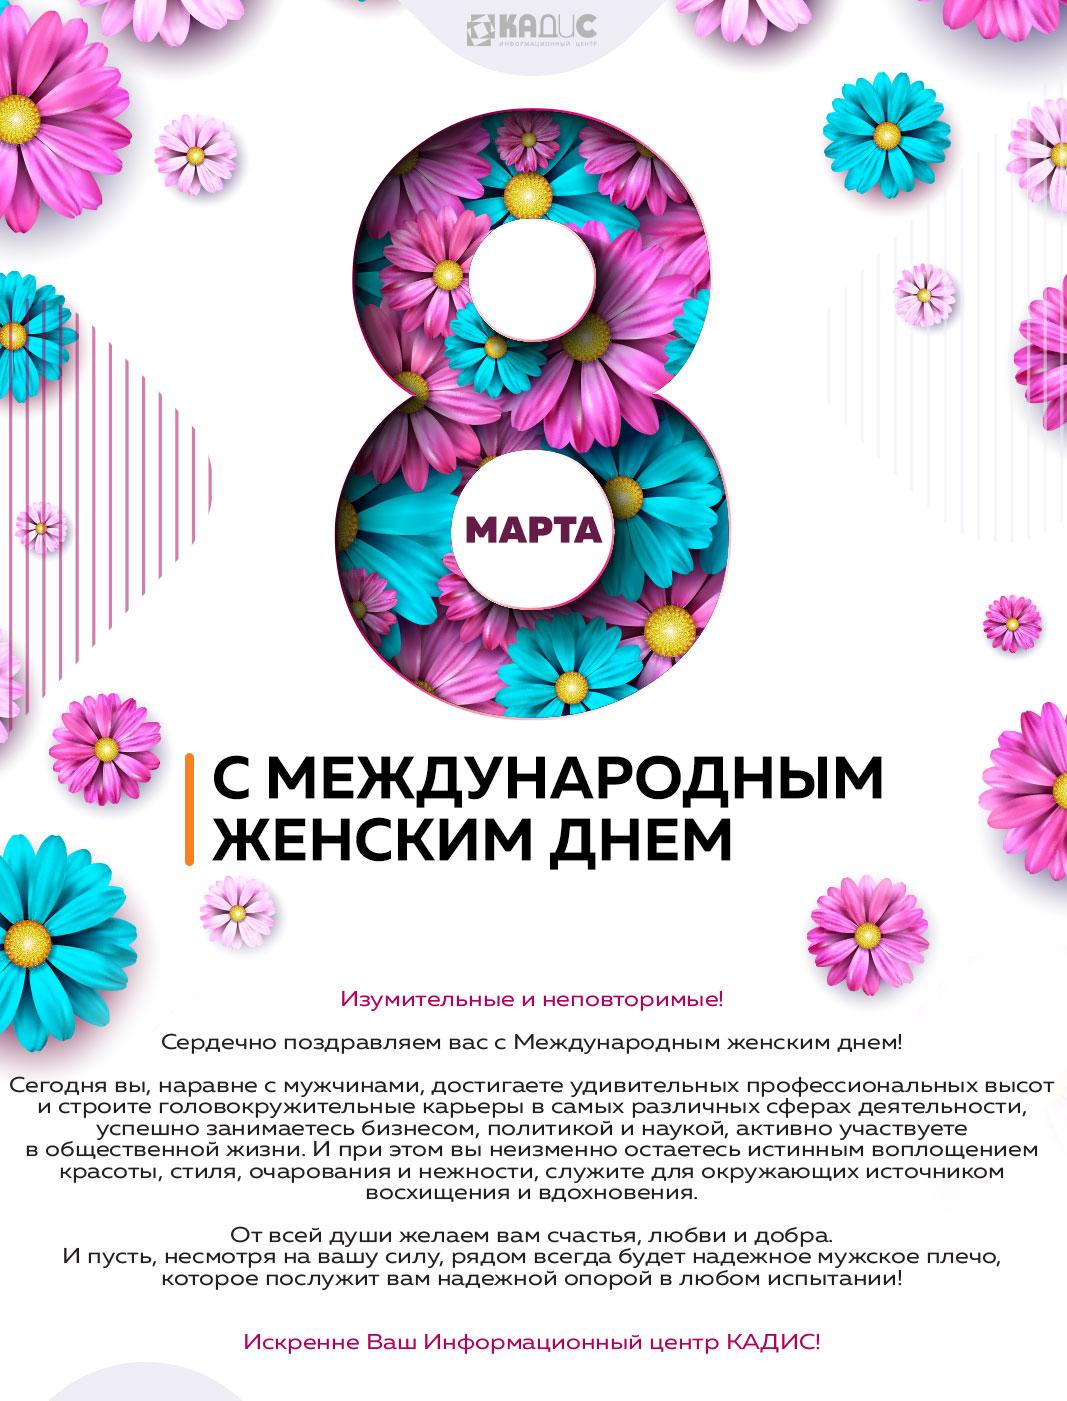 С первым весенним праздником 8 Марта  - 8марта_1.jpg